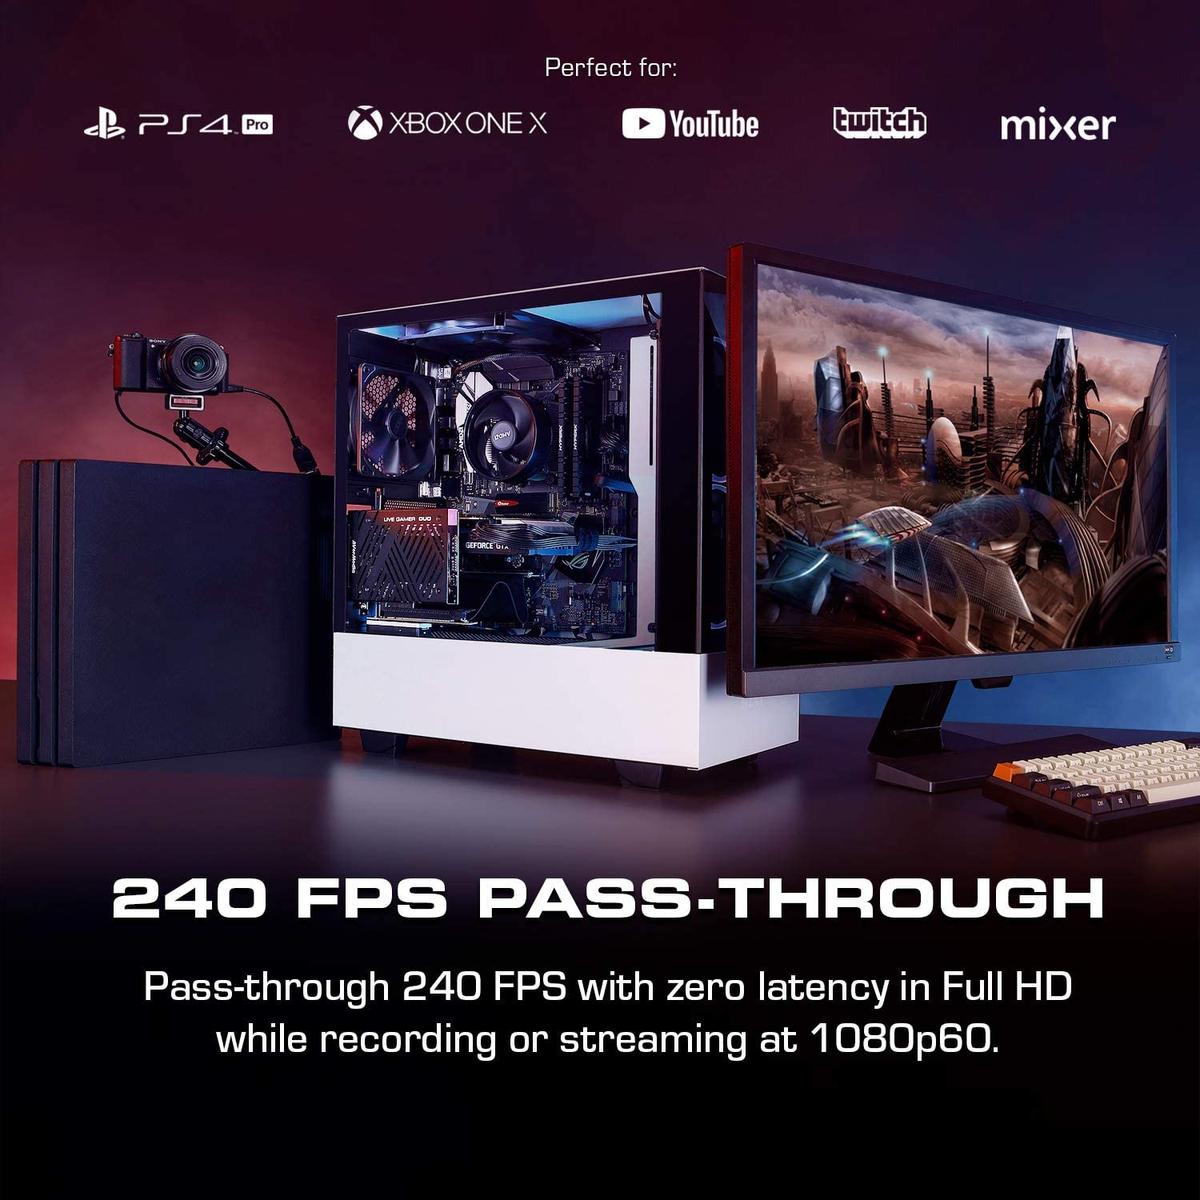 AVerMedia Live Gamer Duo GC570D - идеальное решение для контент-мейкеров?